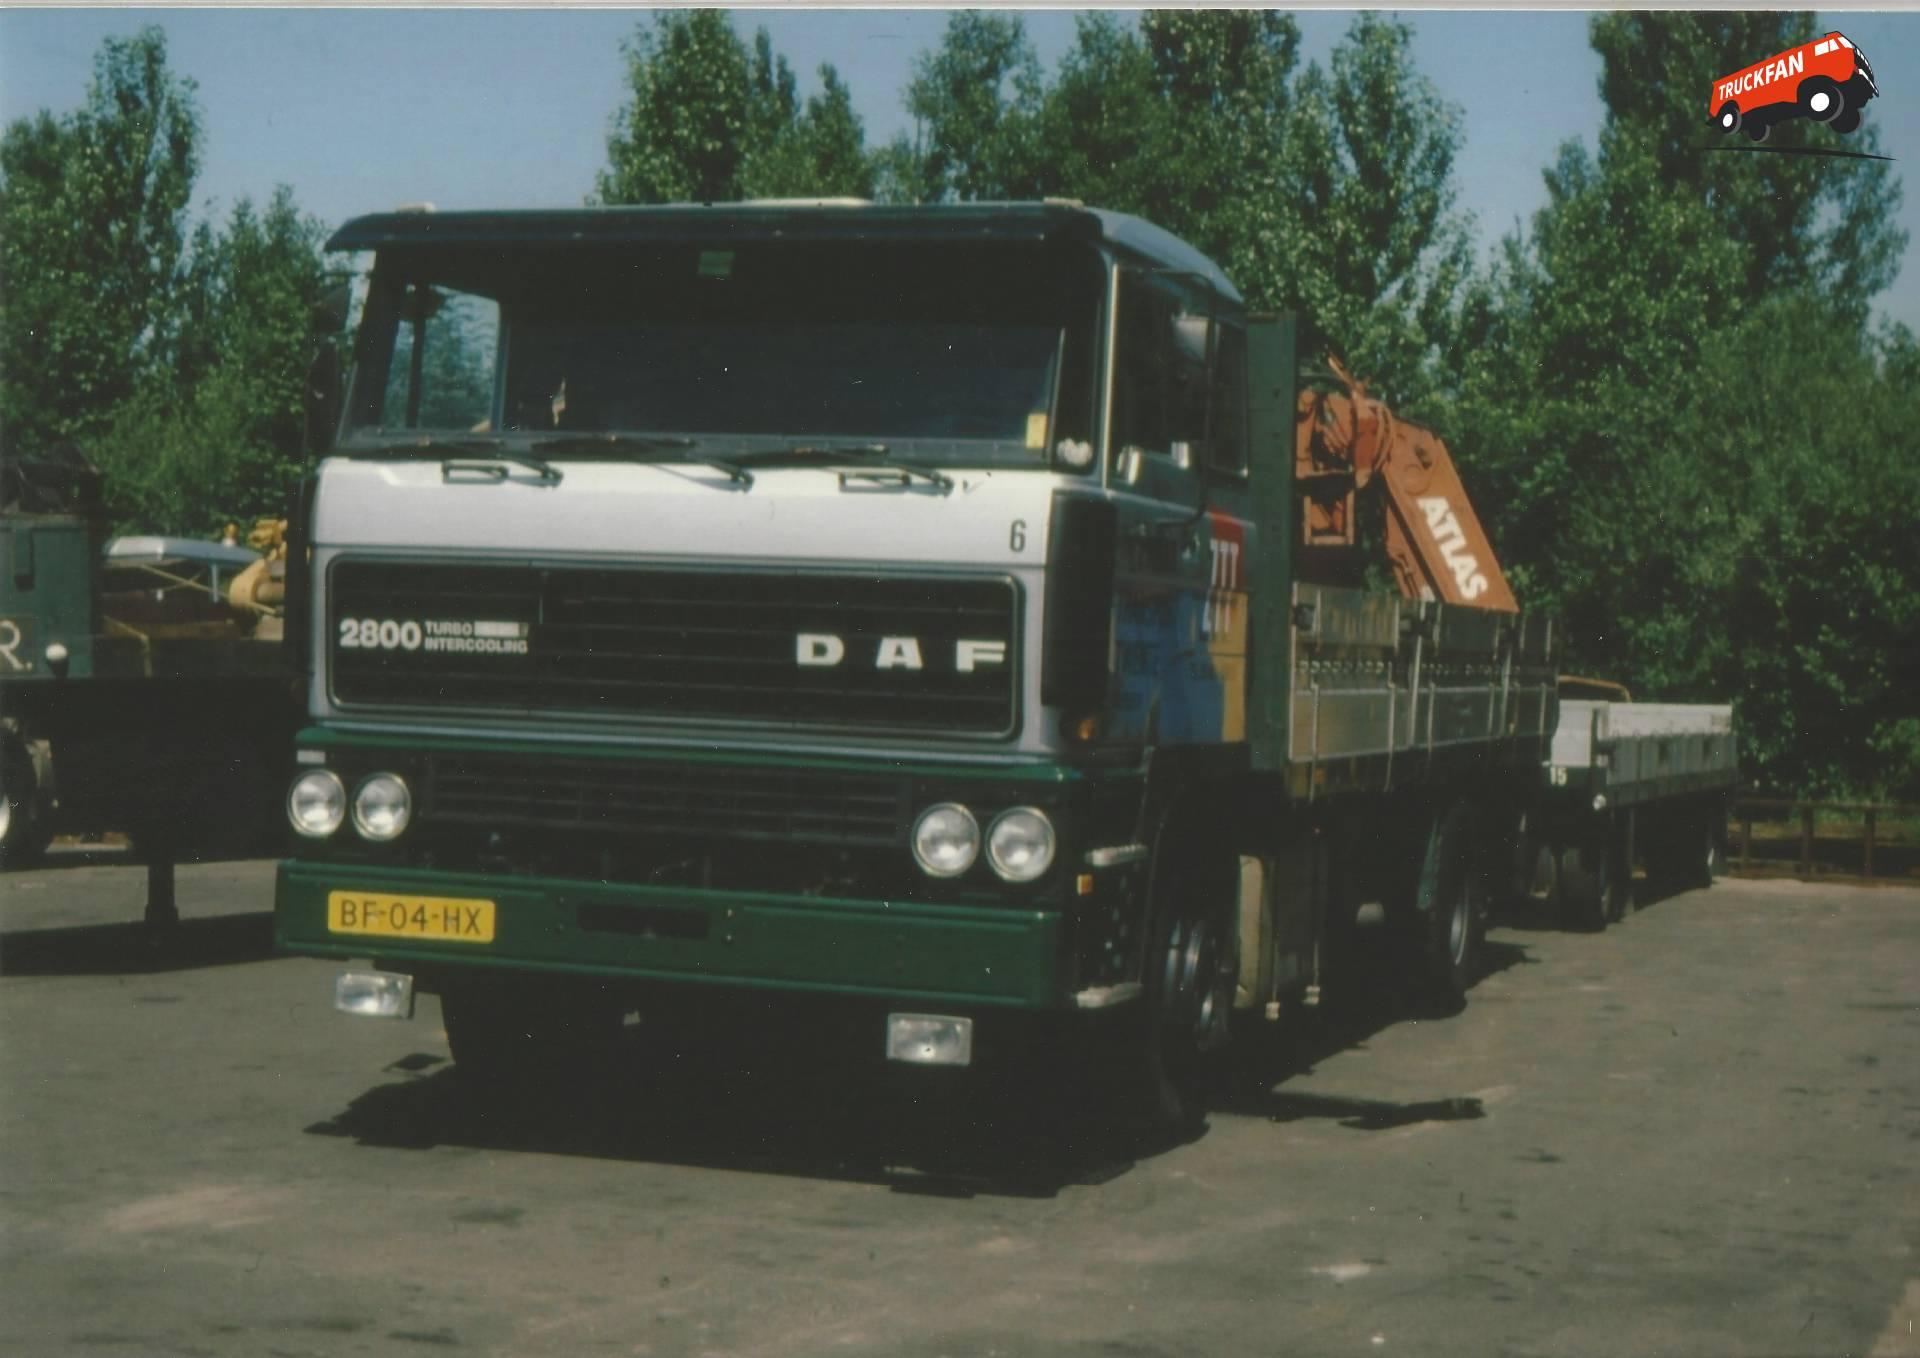 DAF 2800